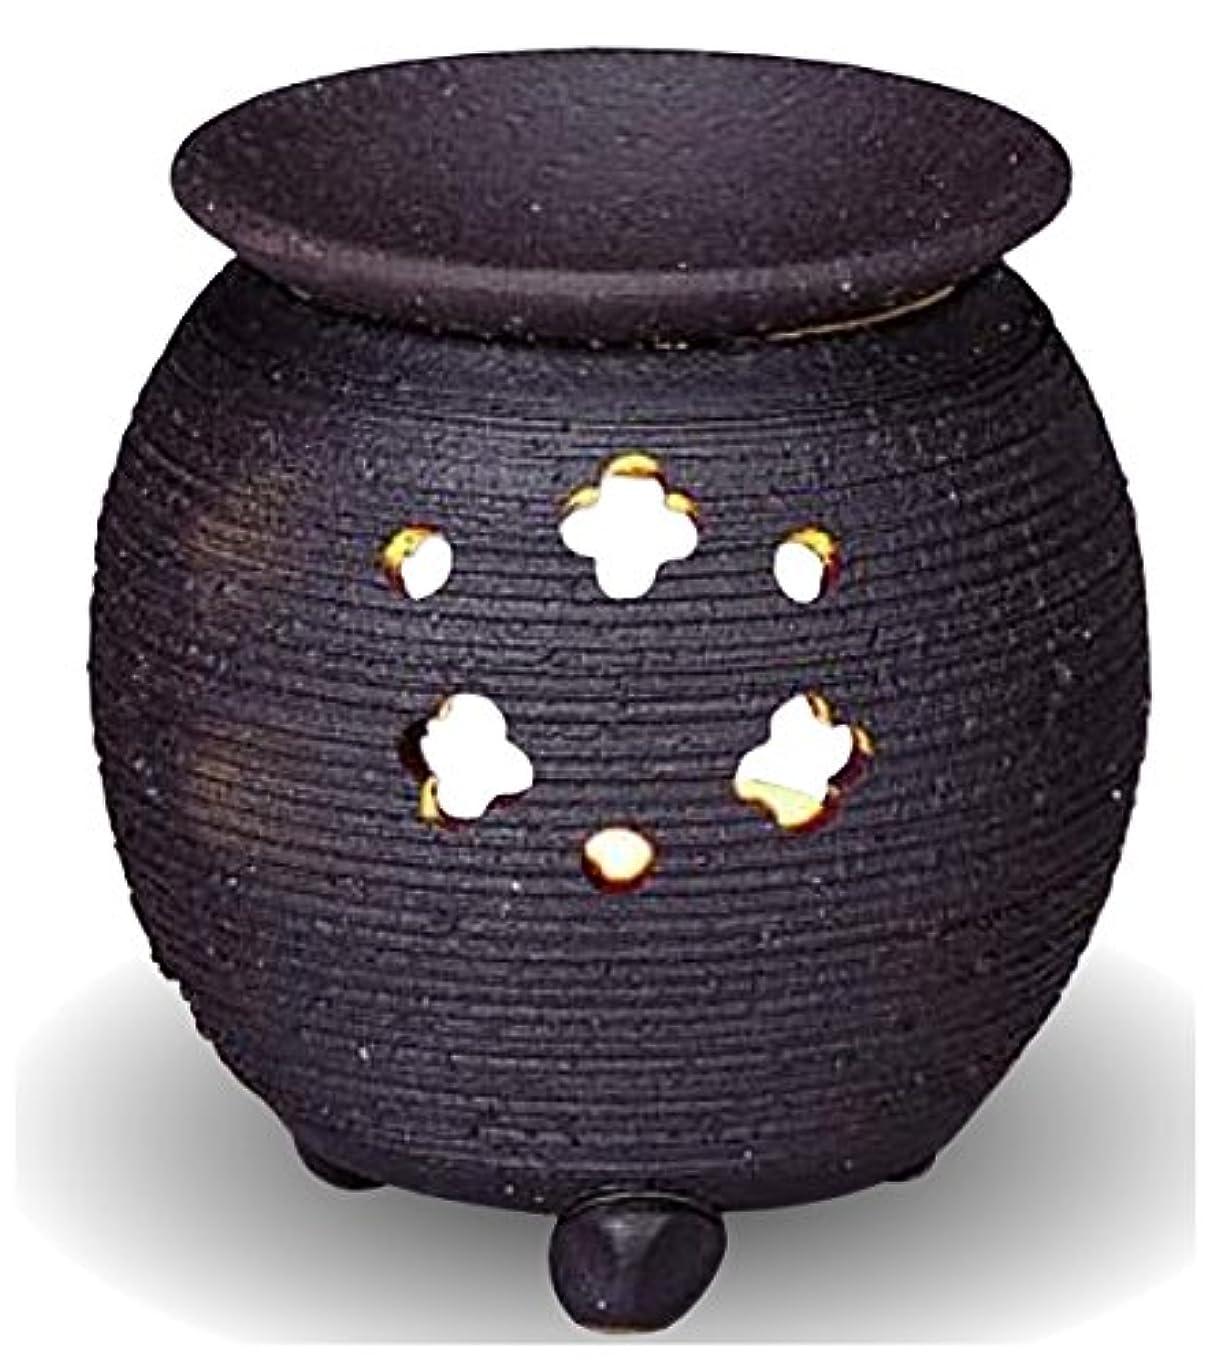 不運松明確に常滑焼 茶香炉(アロマポット)径10×高さ10.5cm